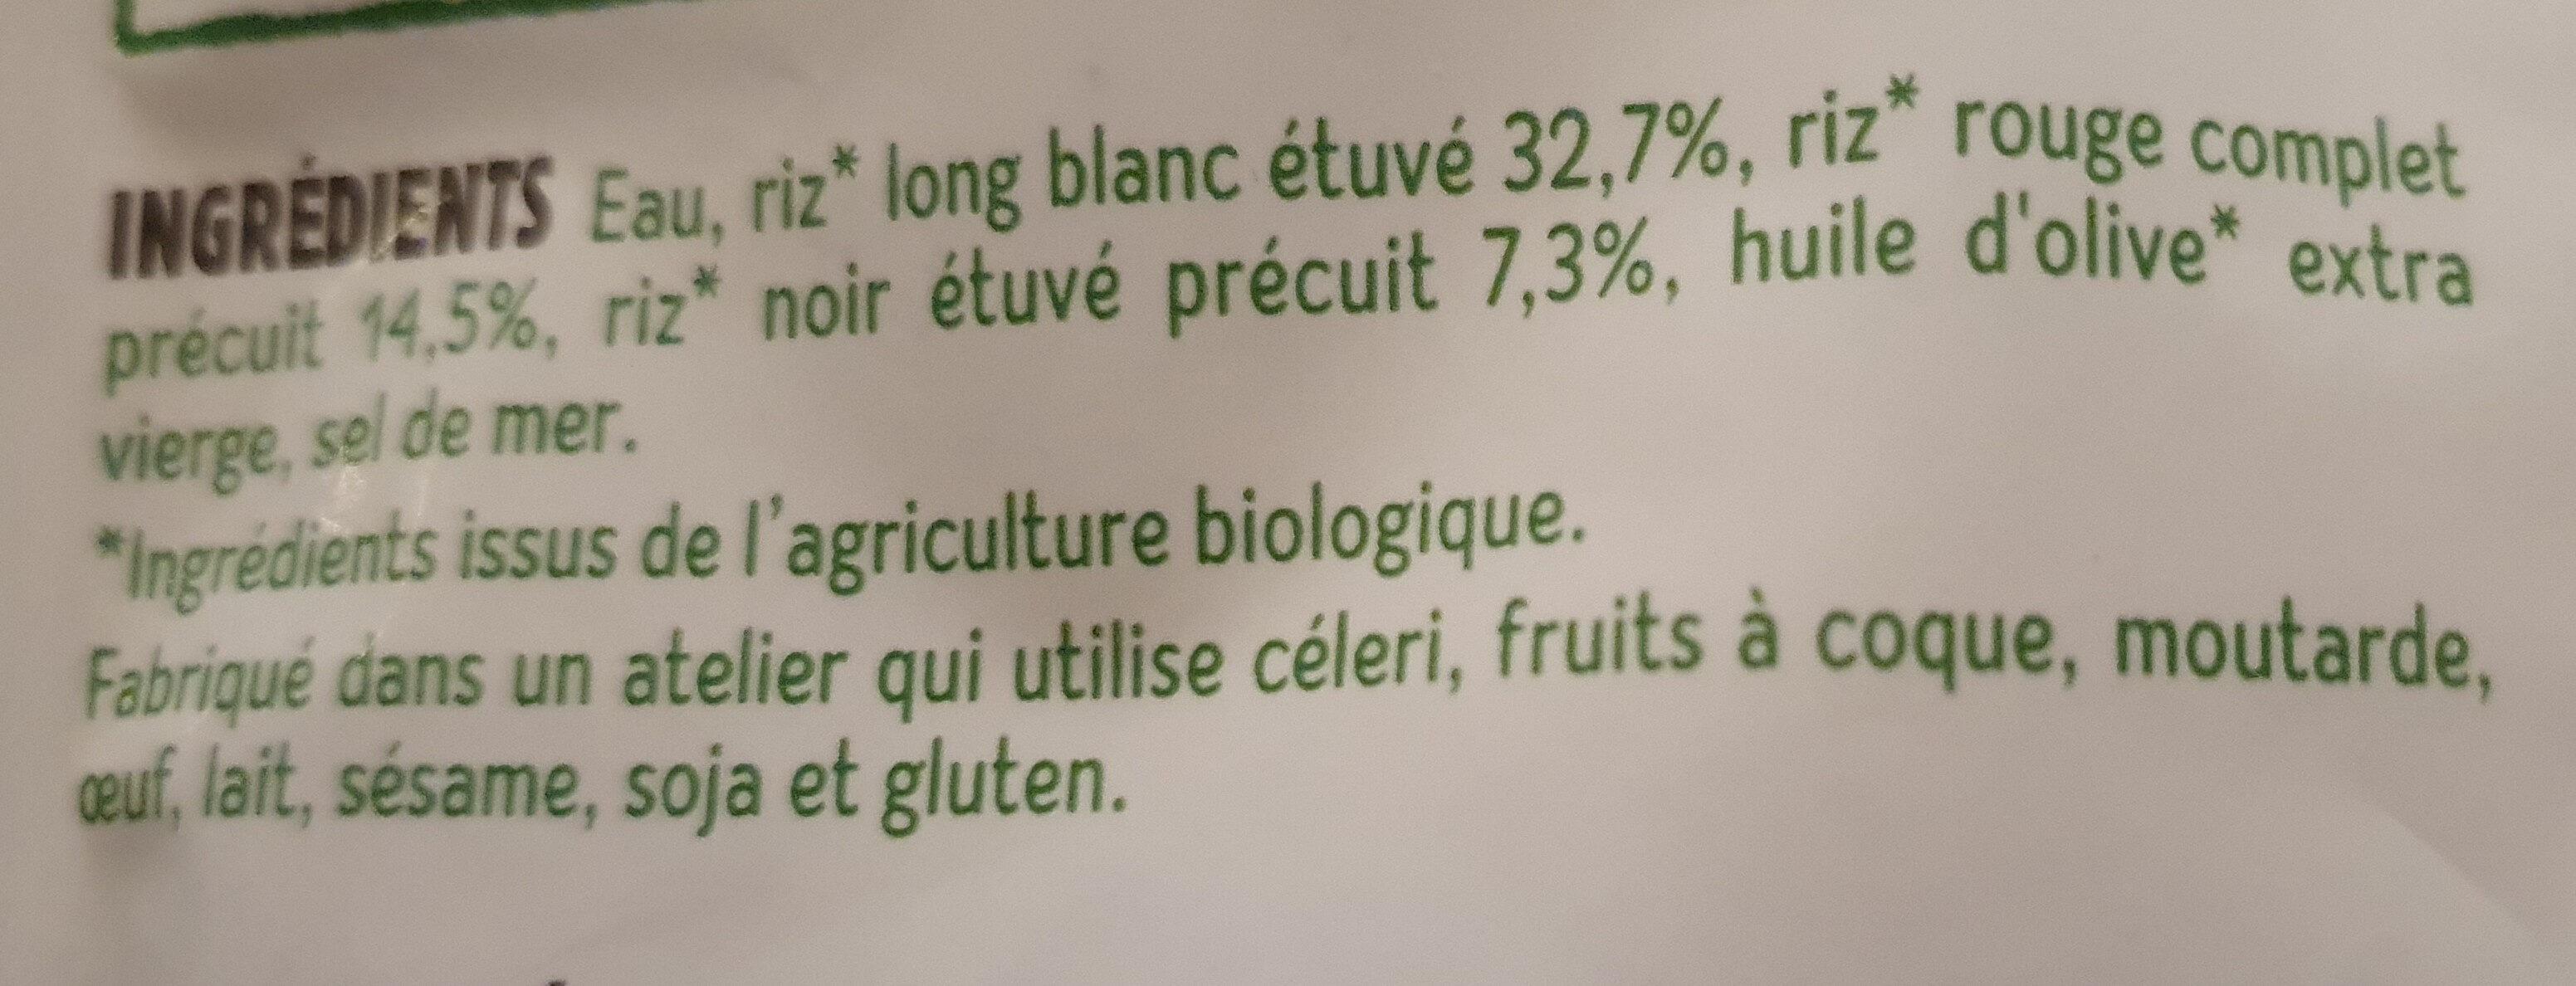 Trio de riz au naturel - Ingredienti - fr